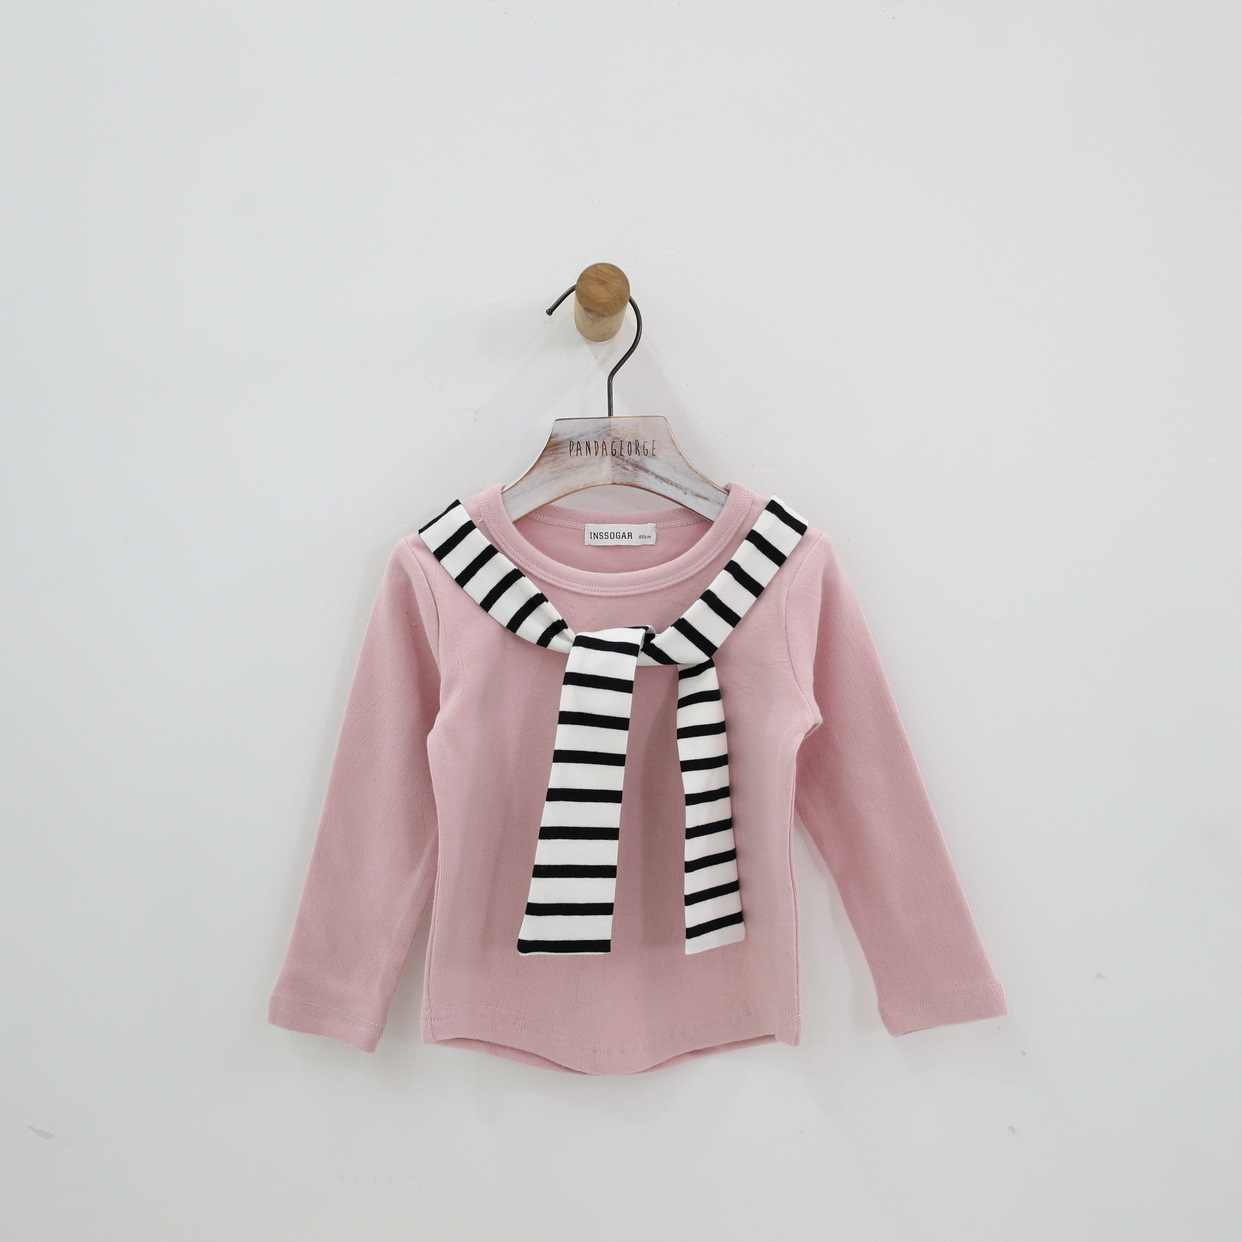 Футболка для дня рождения Одежда для родителей и детей корейская детская одежда футболка осенне-зимнее пальто для мальчиков полосатая рубашка для малышей